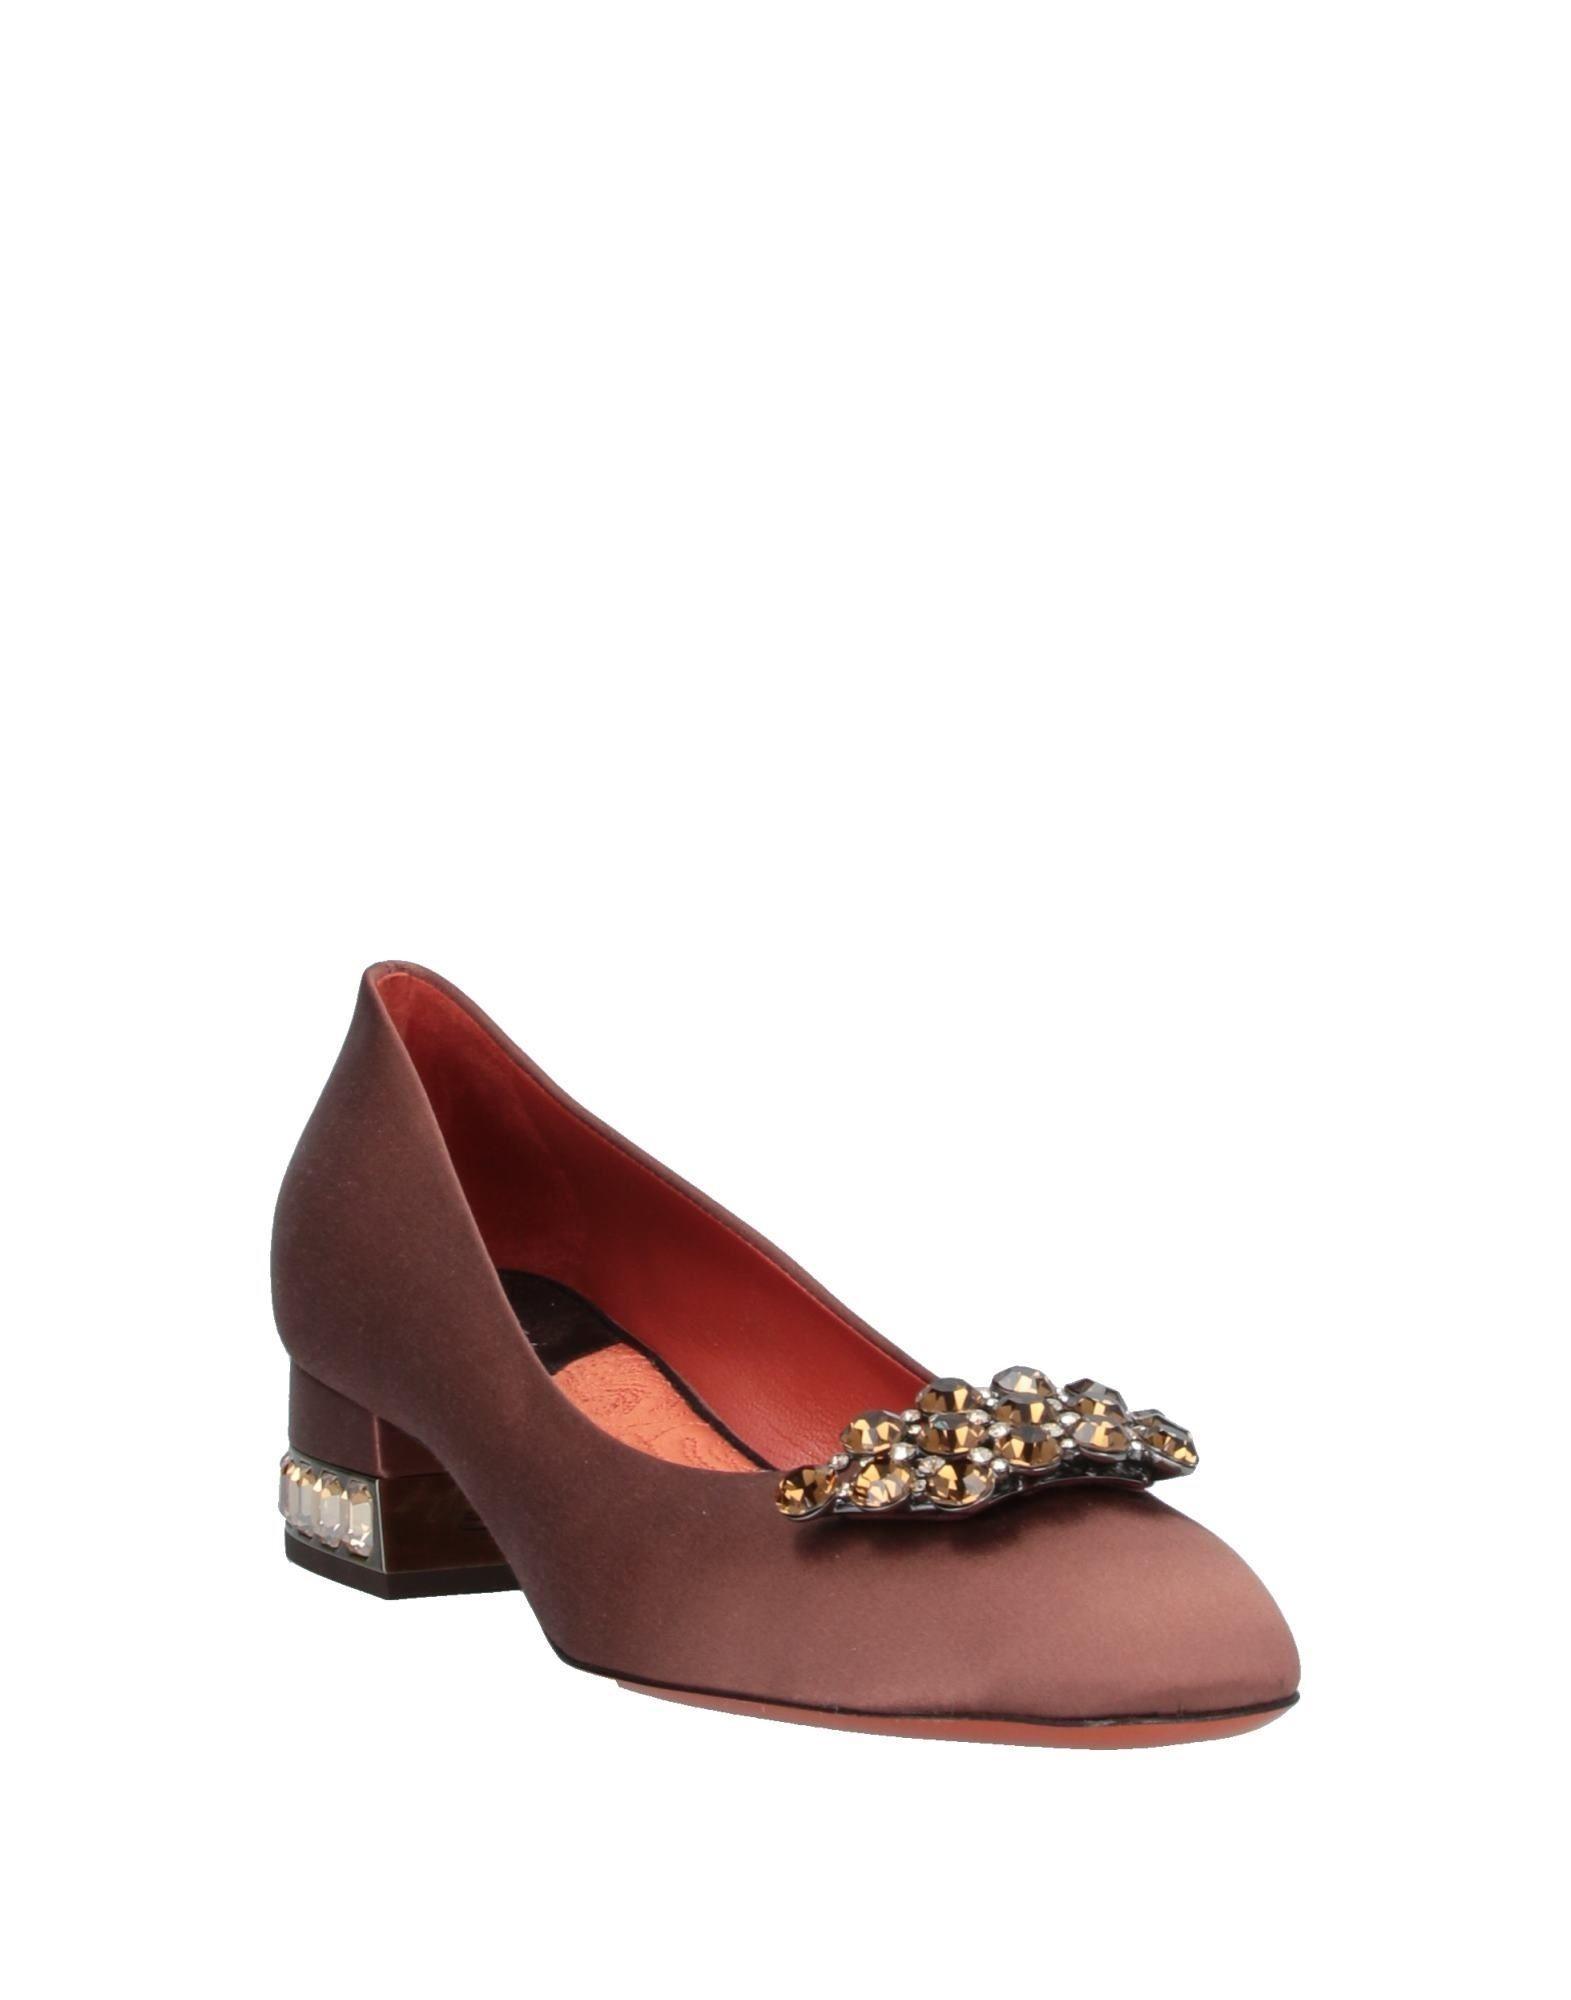 Zapatos de salón Santoni de Raso de color Marrón